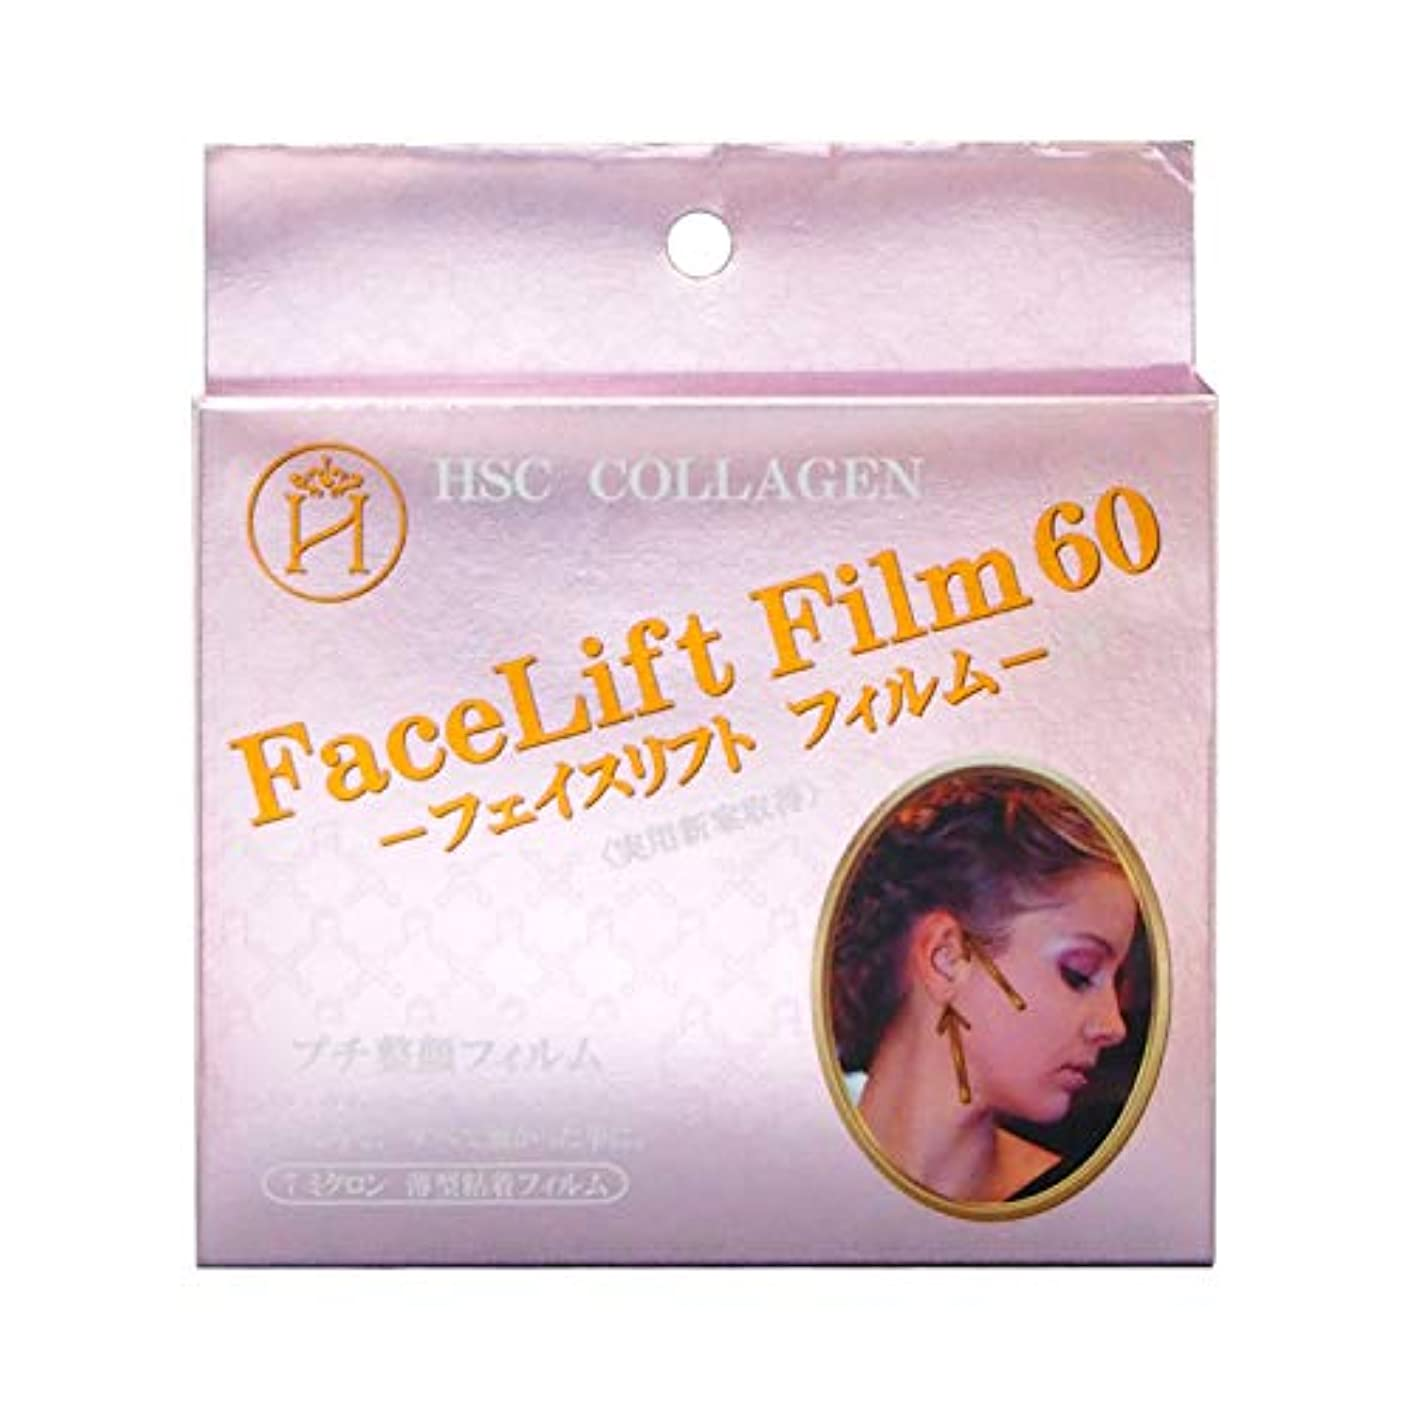 シェフ鈍いサイバースペースフェイスリフトフィルム60 たるみ テープ 引き上げ 透明 目立たない フェイスライン